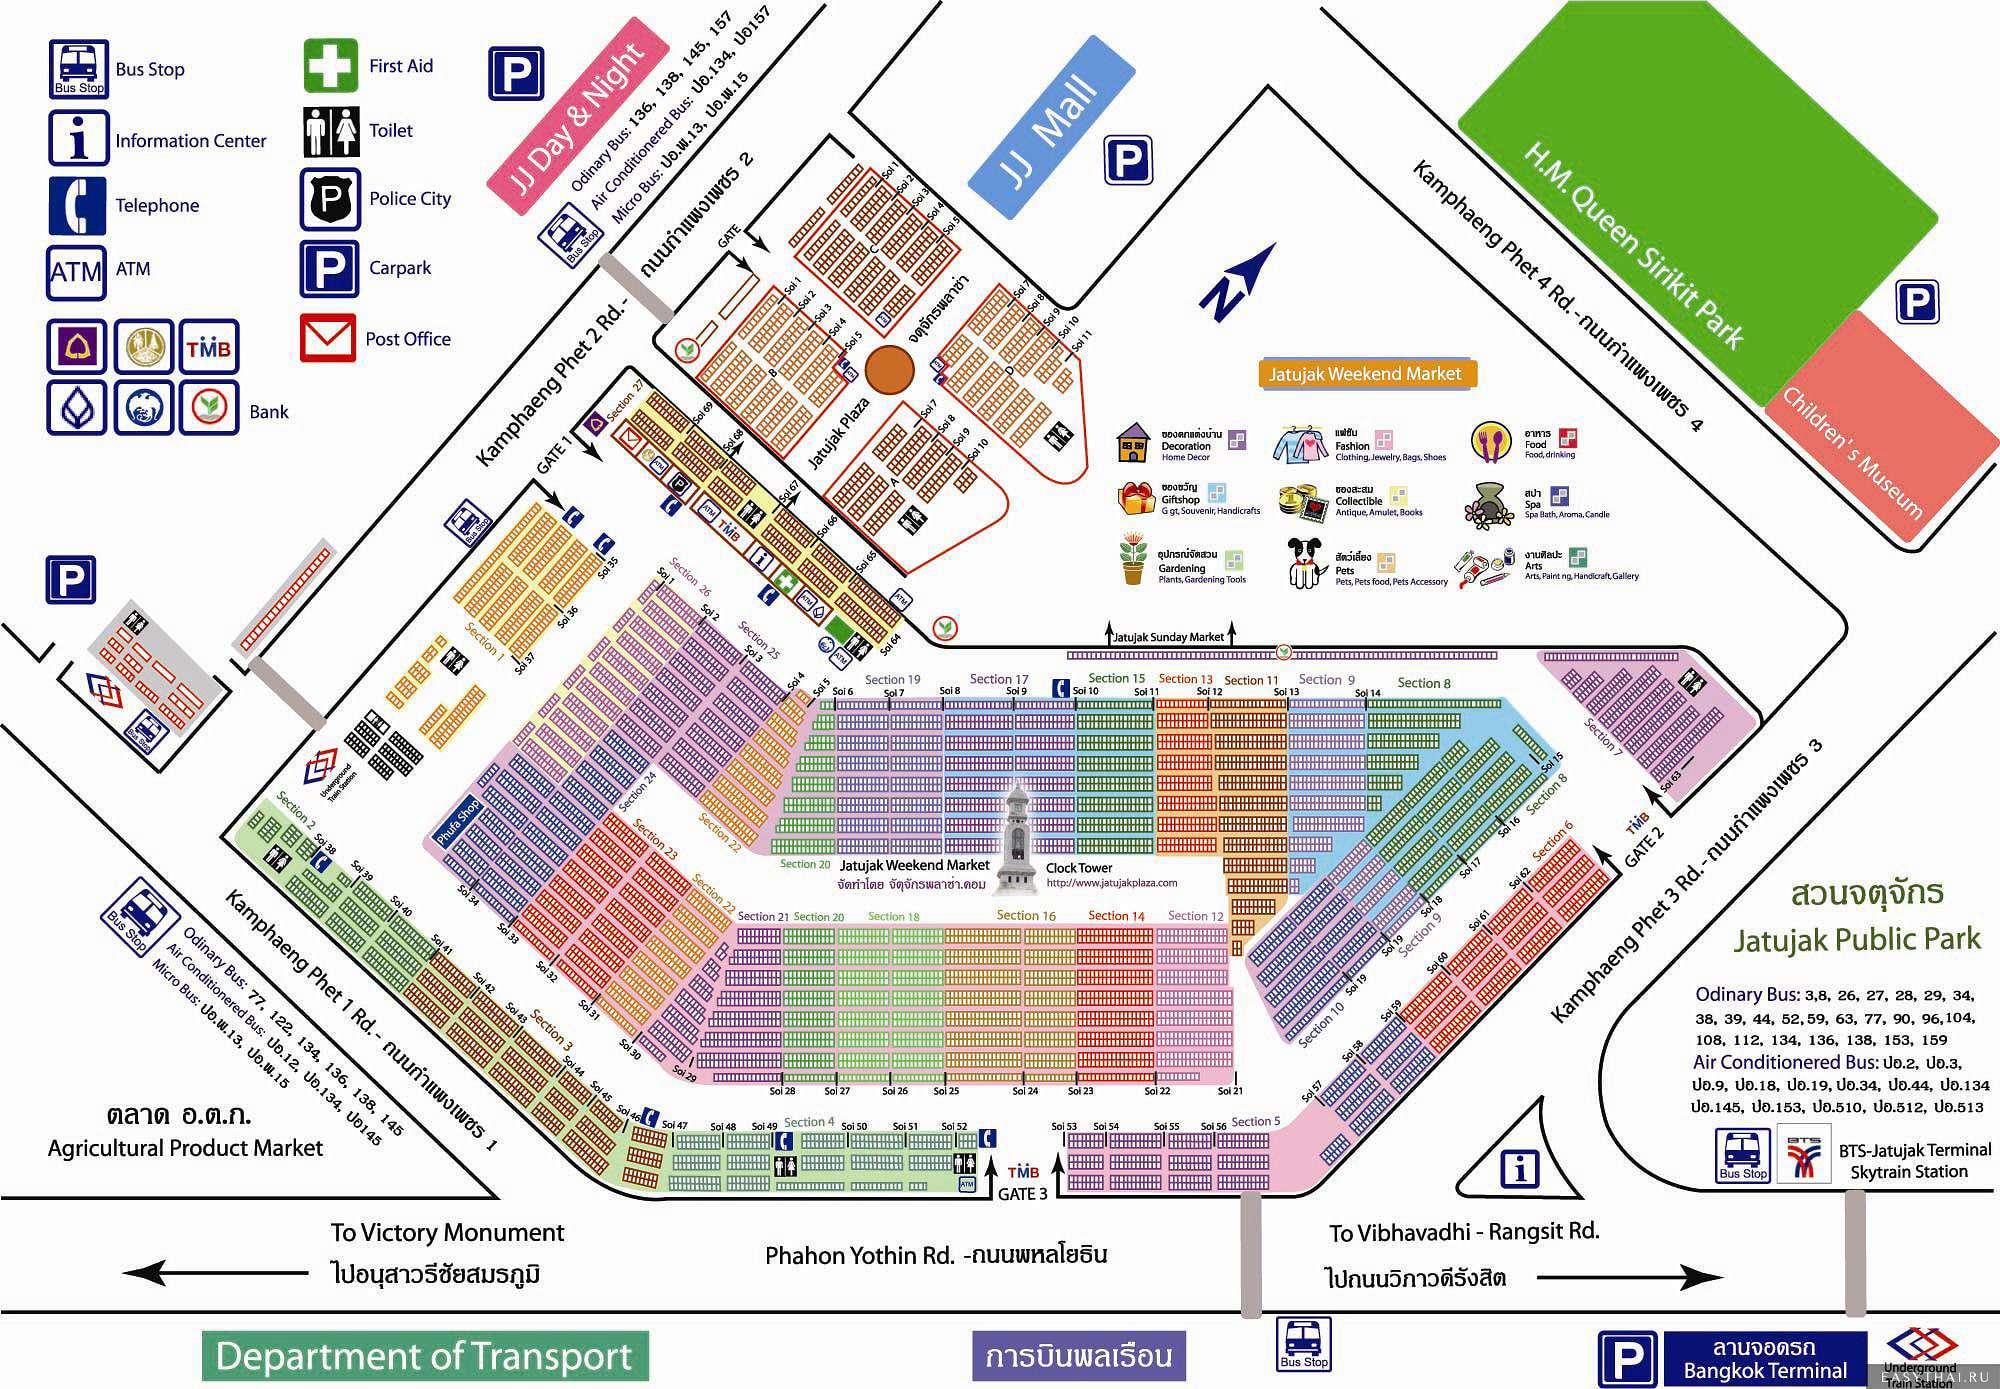 Карта рынка Чатучак